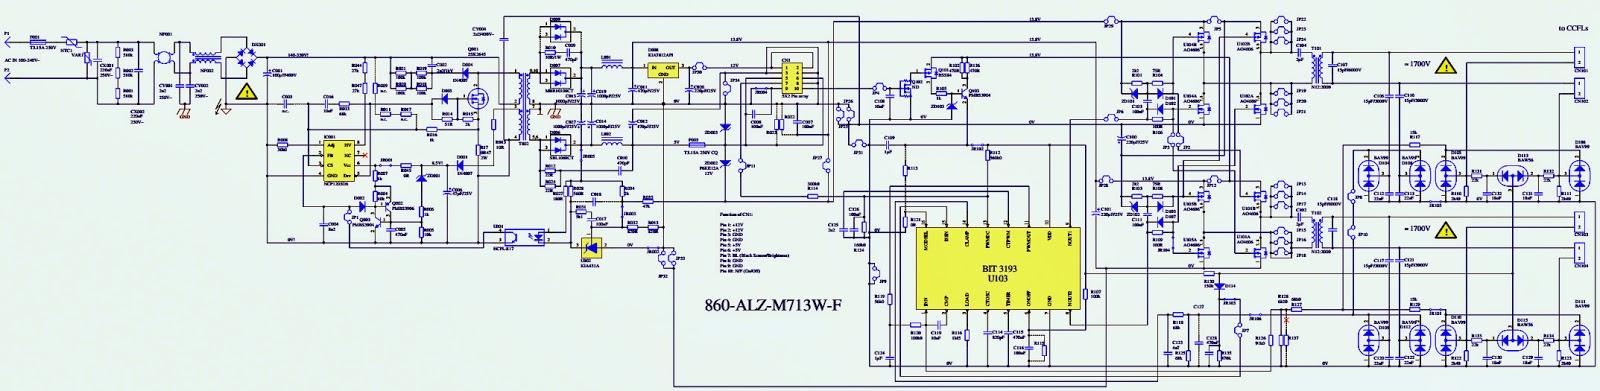 860-alz-m713w-f схема